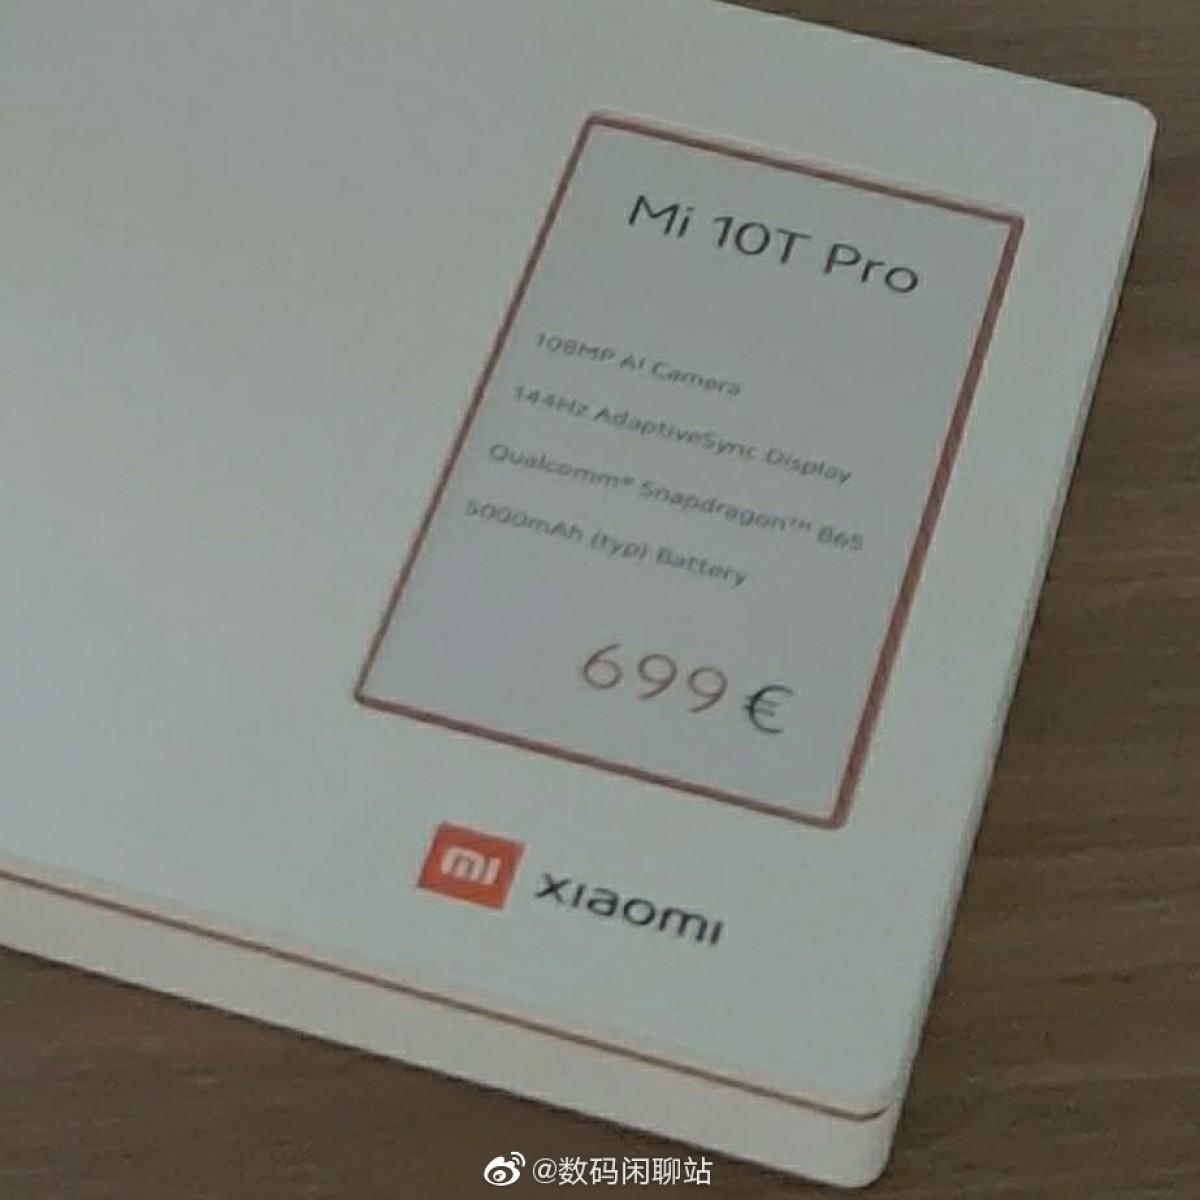 xiaomi mi 10t pro avrupa fiyati technopat mobil - Xiaomi Mi 10T Pro Avrupa Fiyatı Sızdırıldı